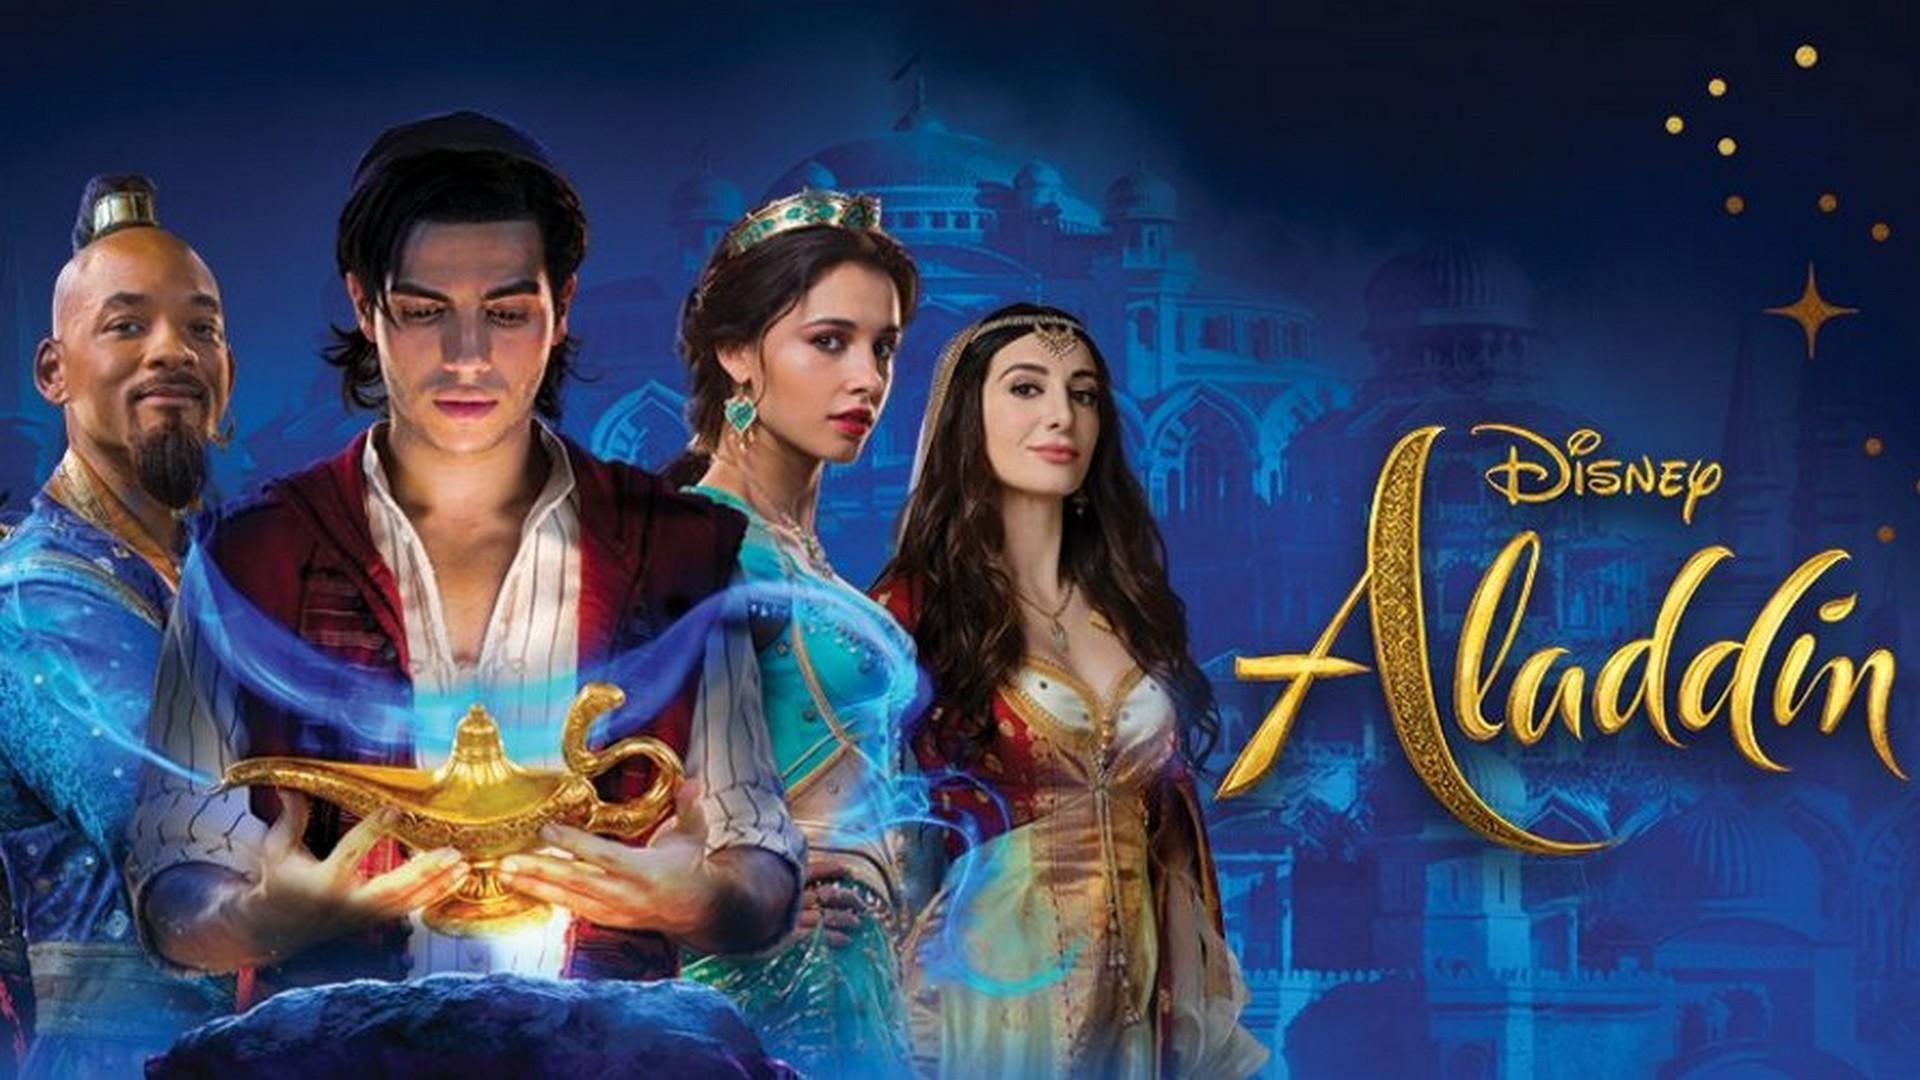 Aladdin-2019-Wallpaper-HD.jpg